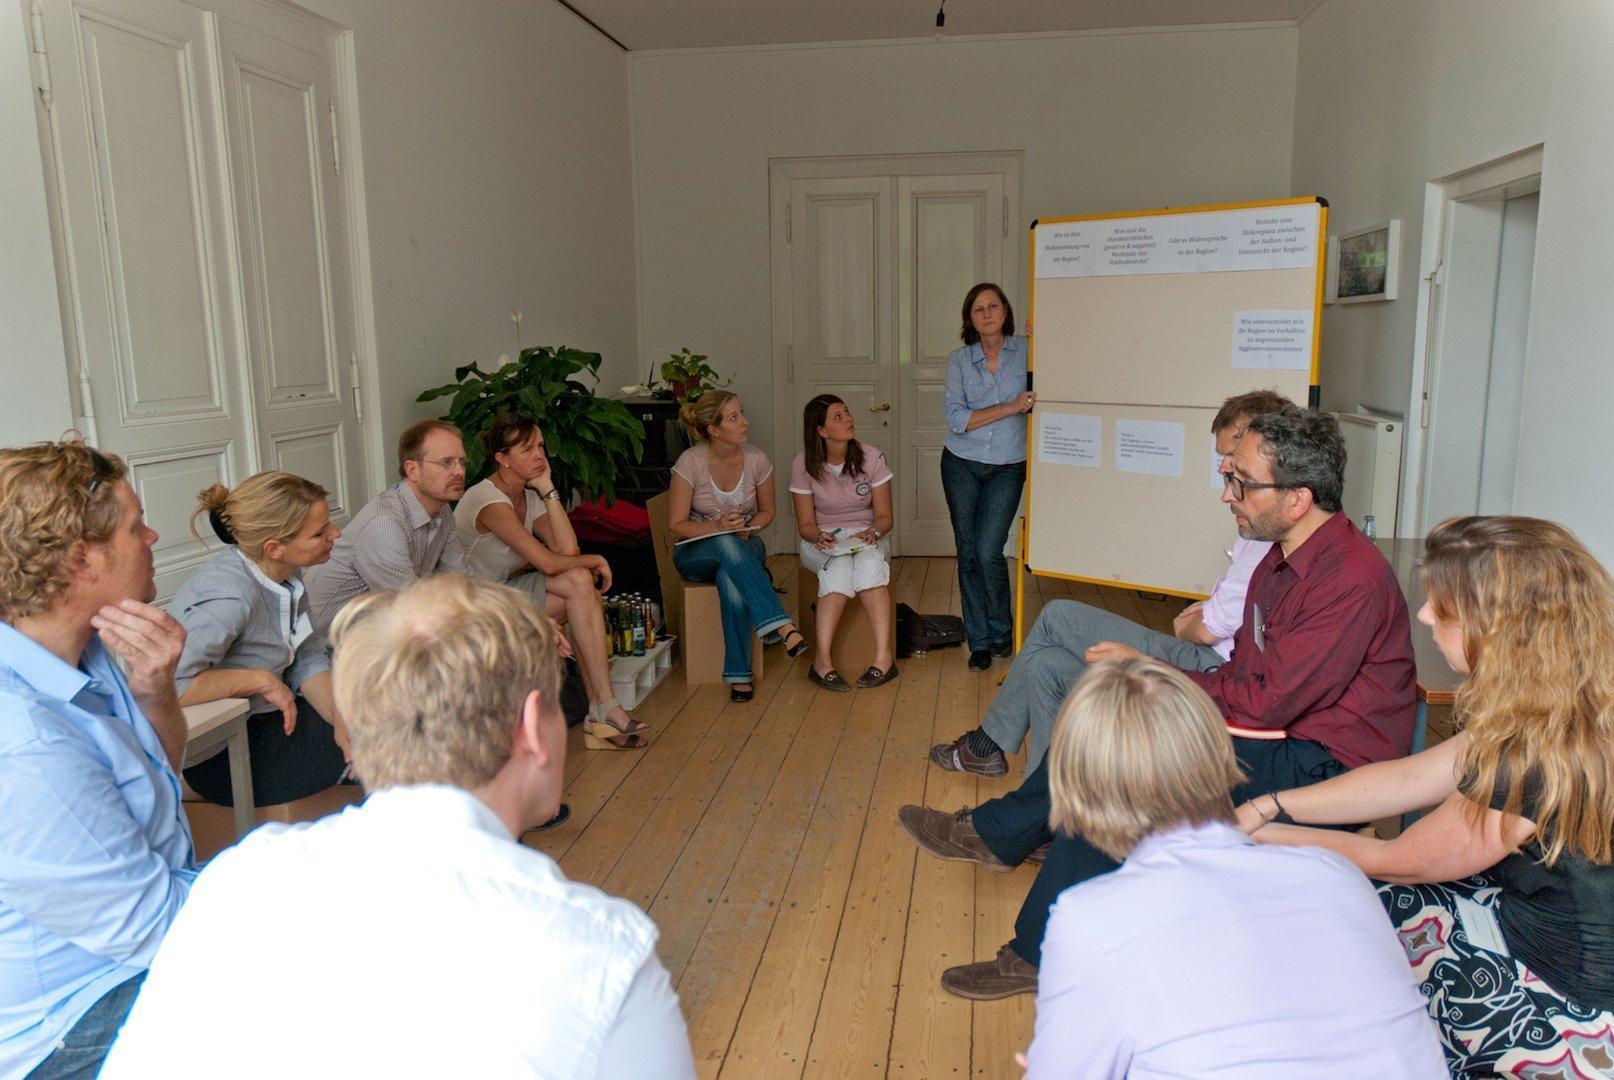 Teilnehmer des Workshops in einem kleinen Raum mit weißen Wänden und hellem Bretterboden.